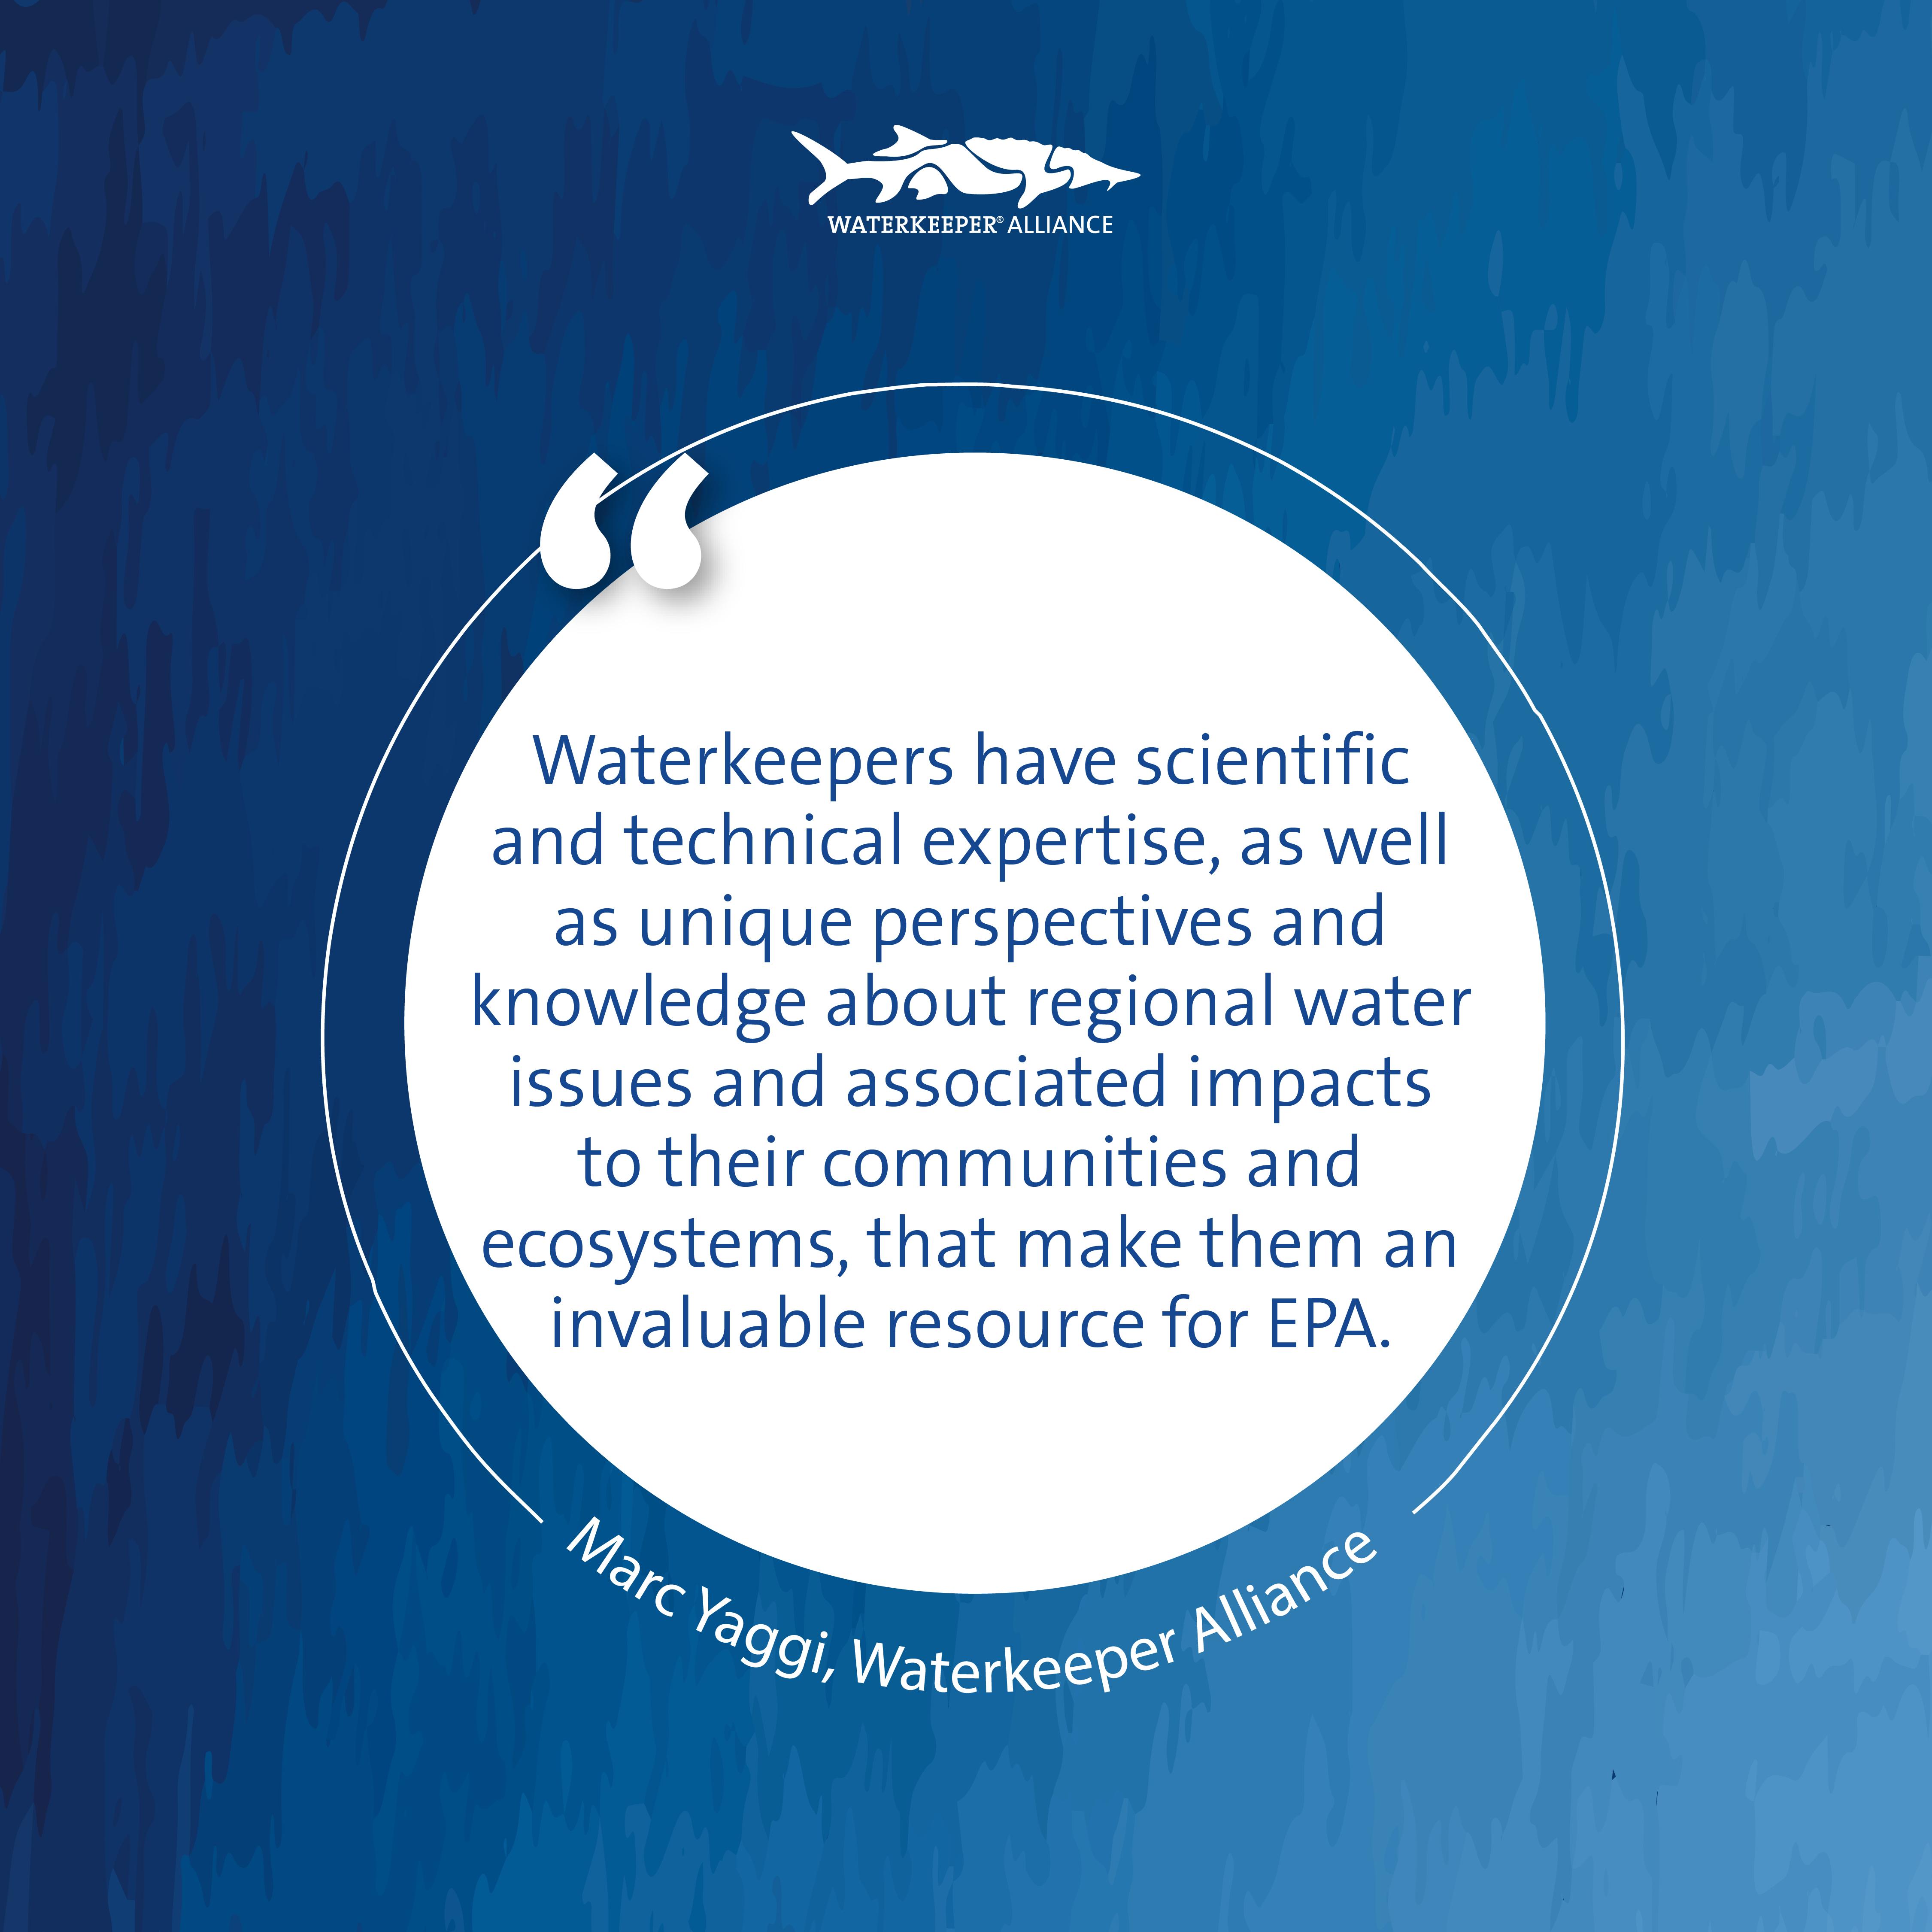 """Marc Yaggi citation lecture """"Waterkeepers ont une expertise scientifique et technique, ainsi que des perspectives et des connaissances uniques sur les problèmes régionaux de l'eau et les impacts associés sur leurs communautés et leurs écosystèmes, qui en font une ressource inestimable pour l'EPA."""""""